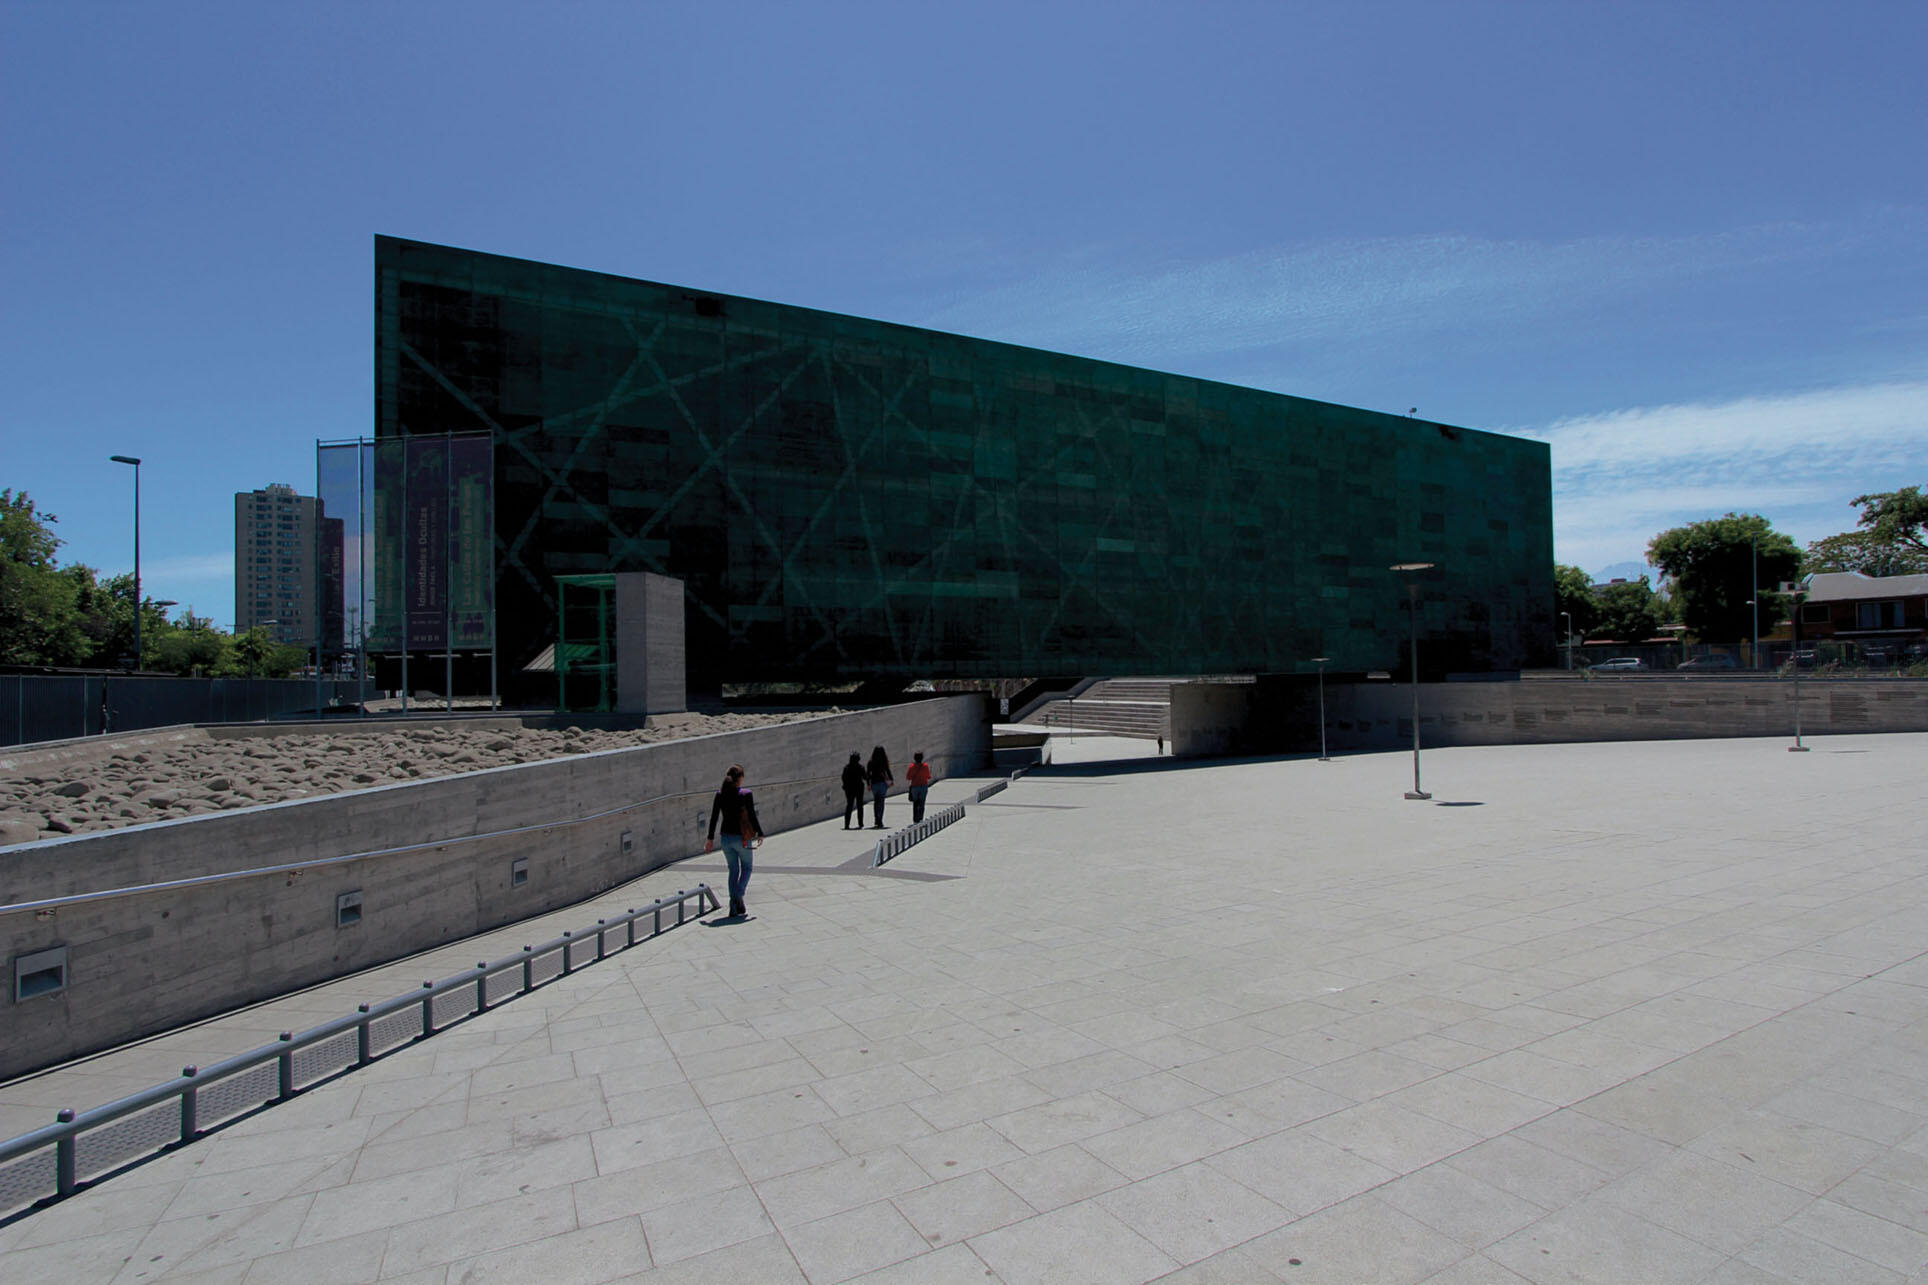 The Museo de la Memoria y los Derechos Humanos (Museum of Memory and Human Rights) in Santiago, Chile. (Photo by throgers.)